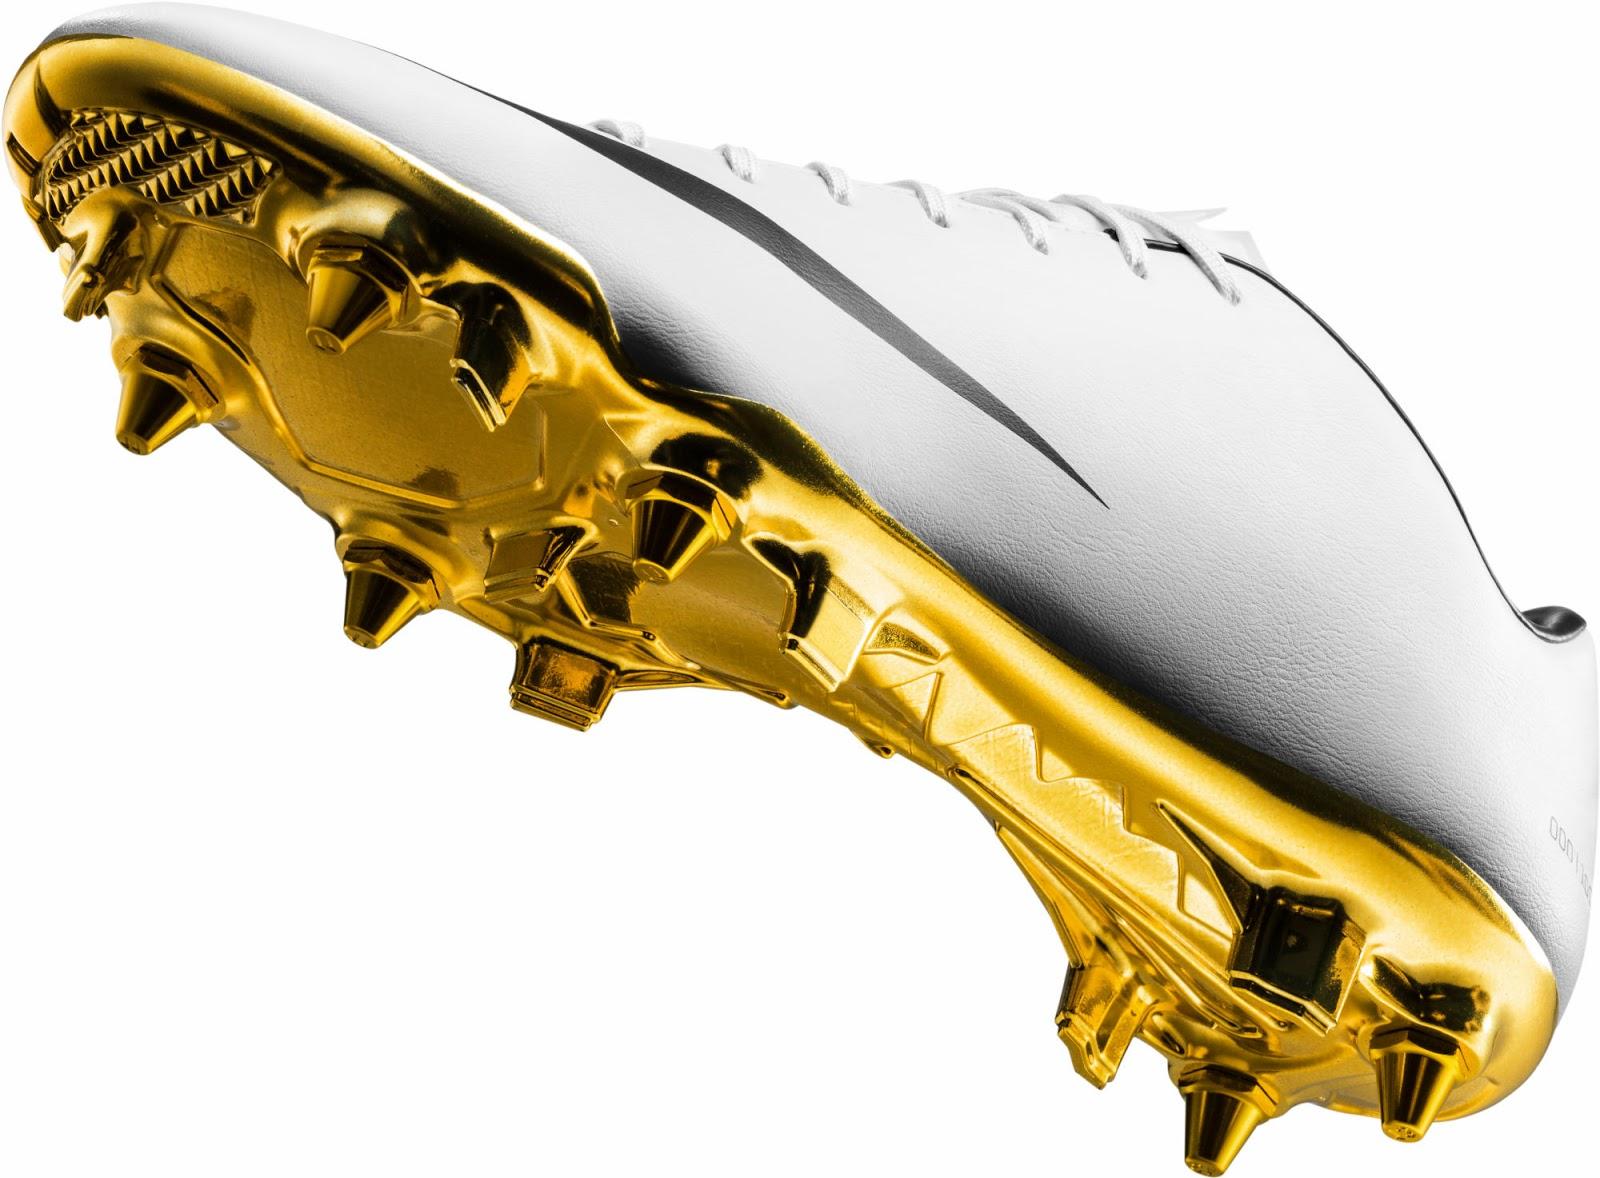 White Gold Nike Cristiano Ronaldo 2014 Special Edition